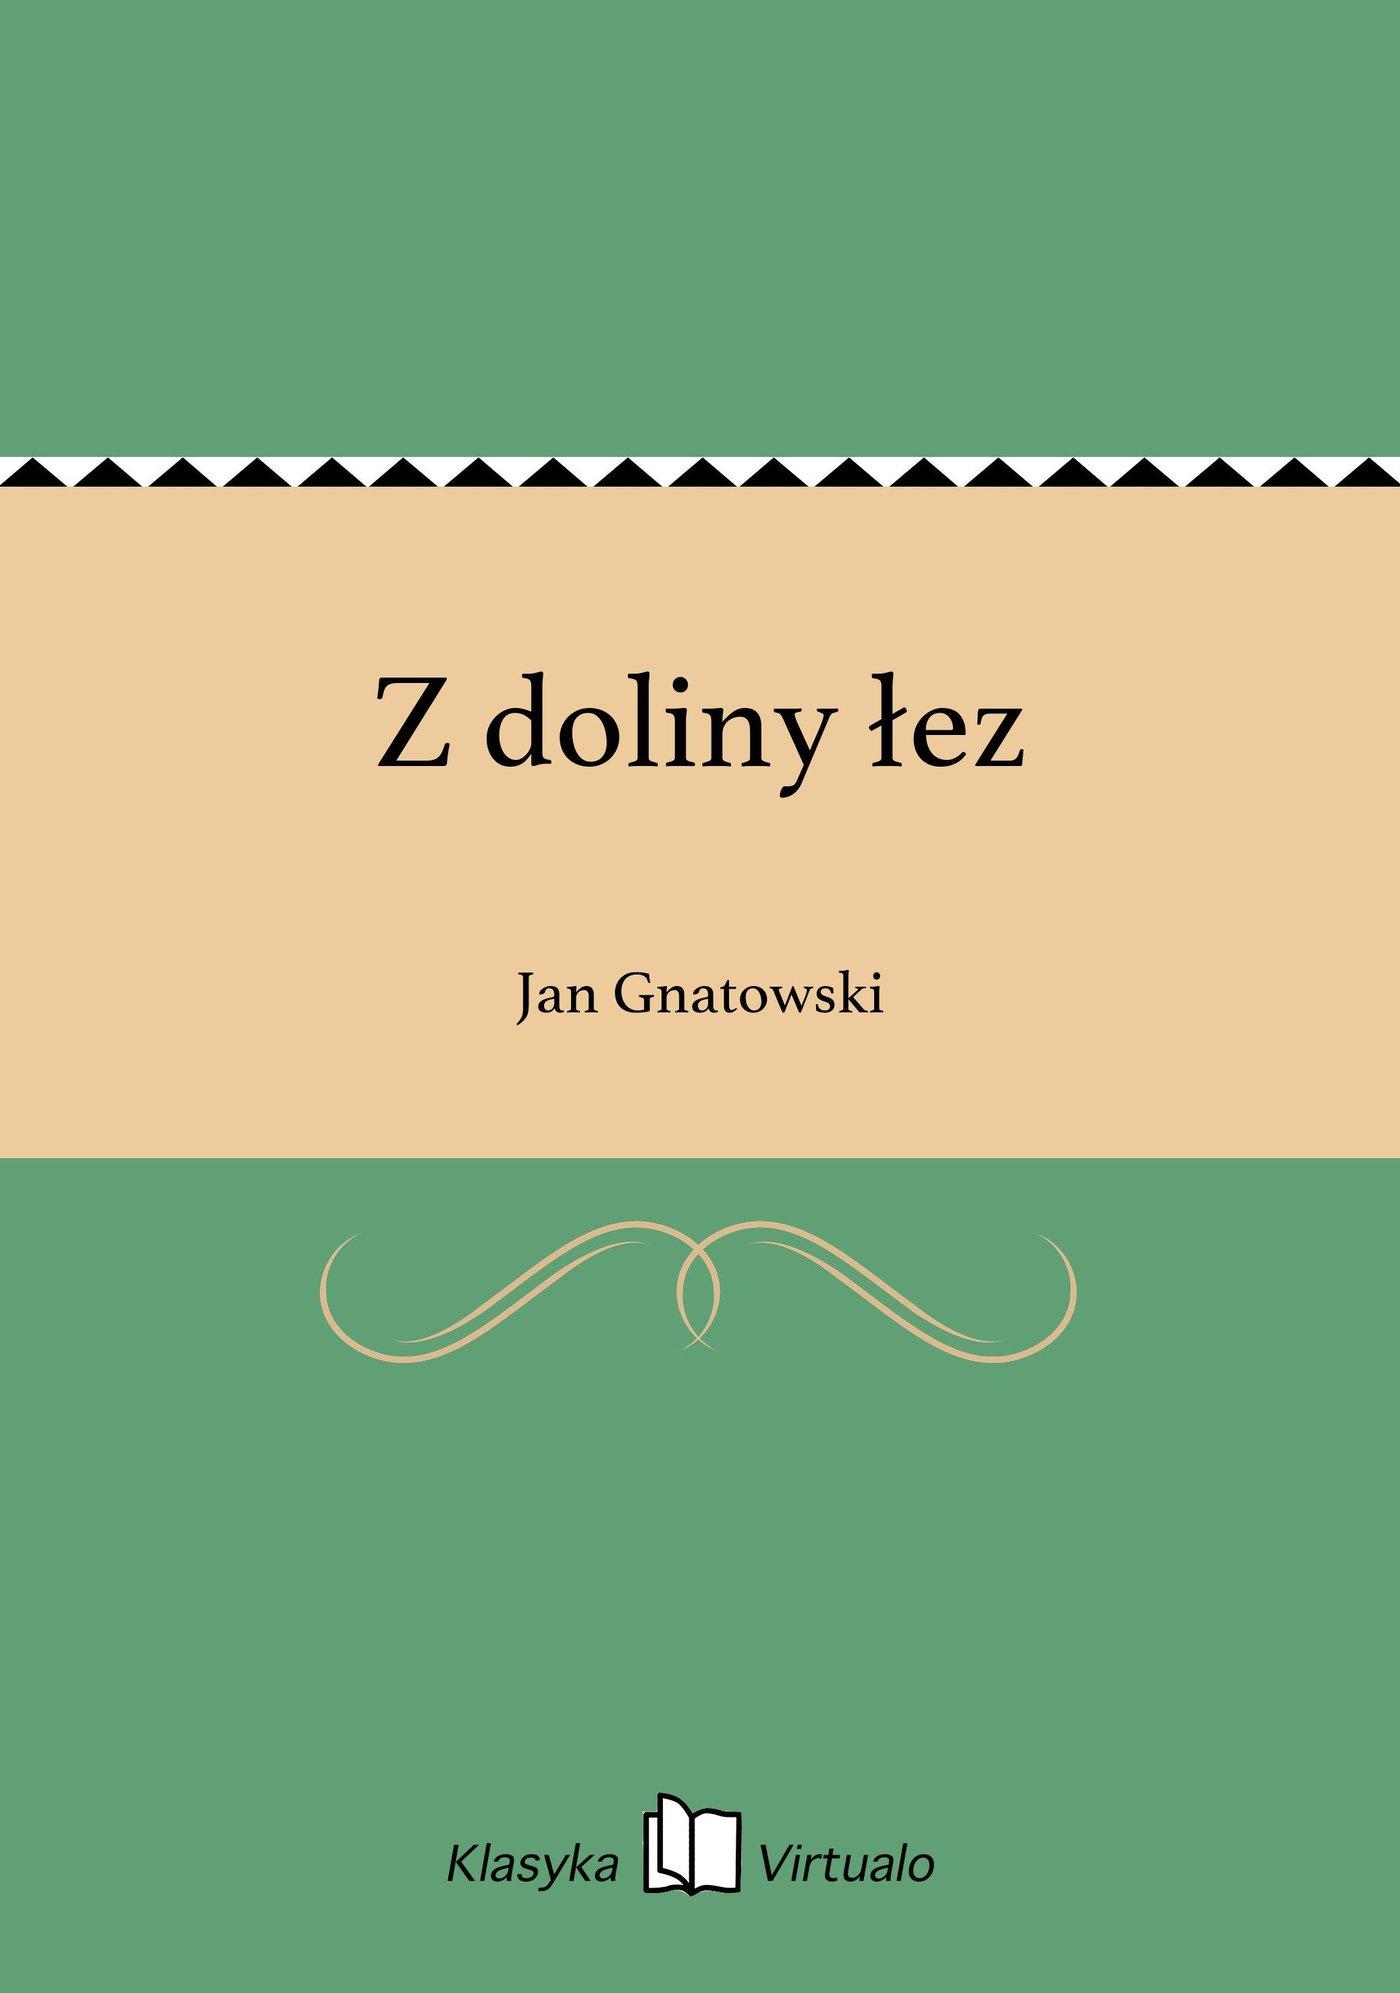 Z doliny łez - Ebook (Książka EPUB) do pobrania w formacie EPUB